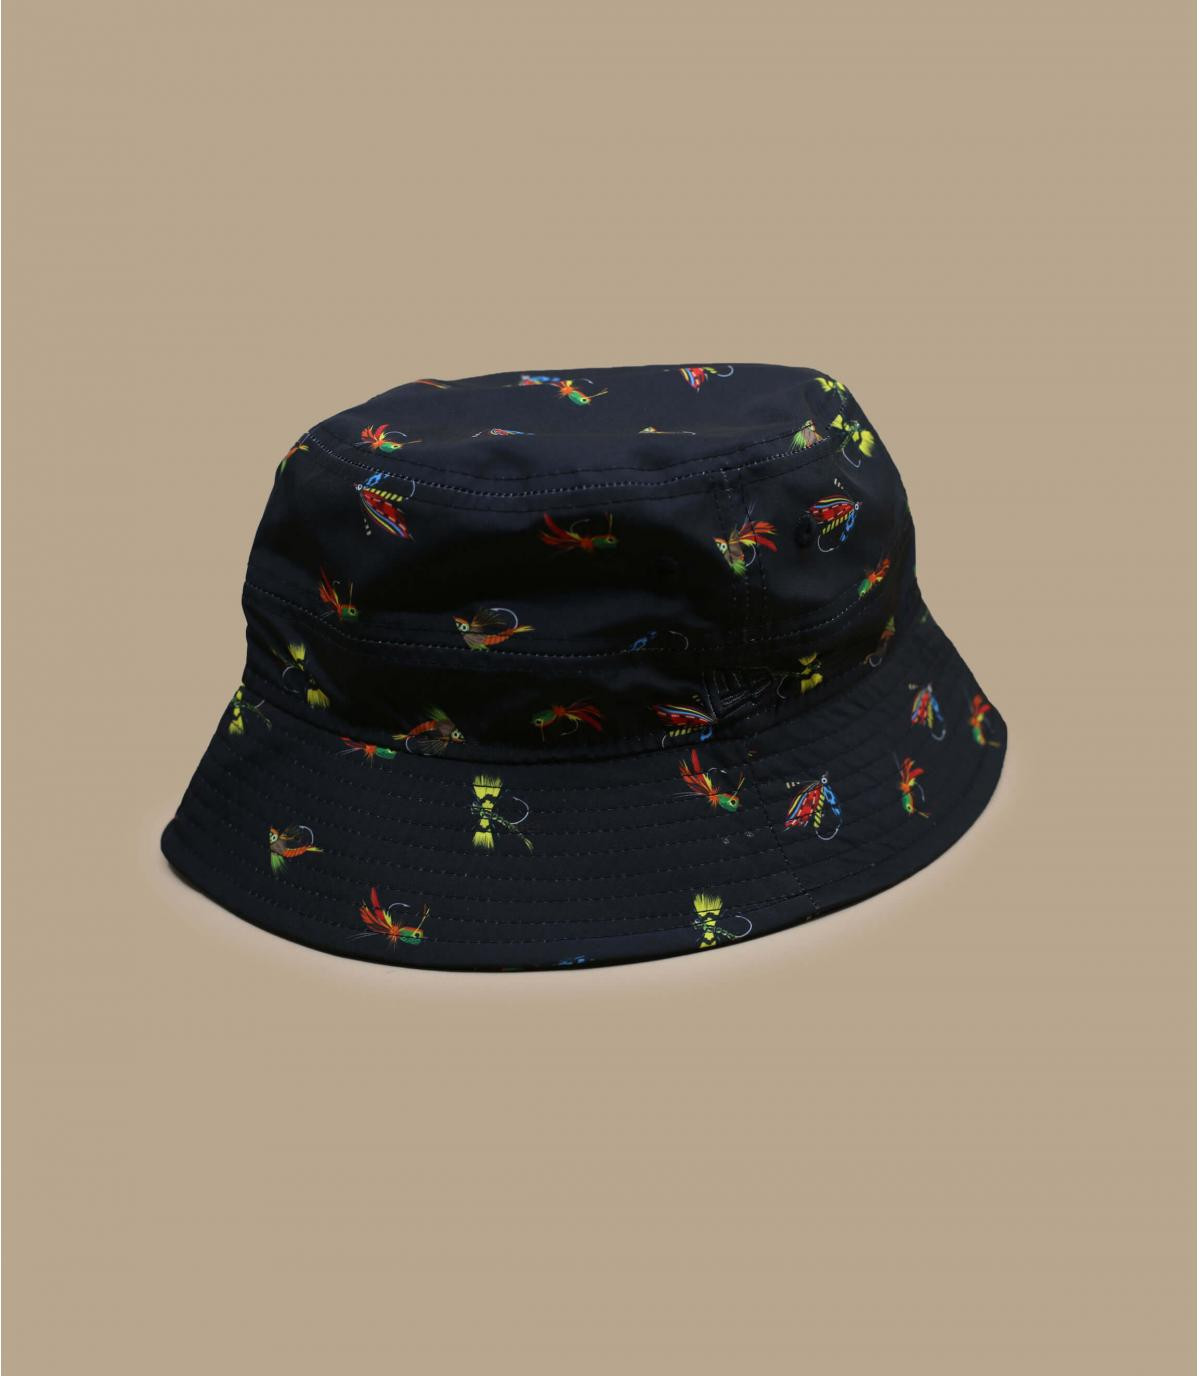 New Era fishing bucket hat.